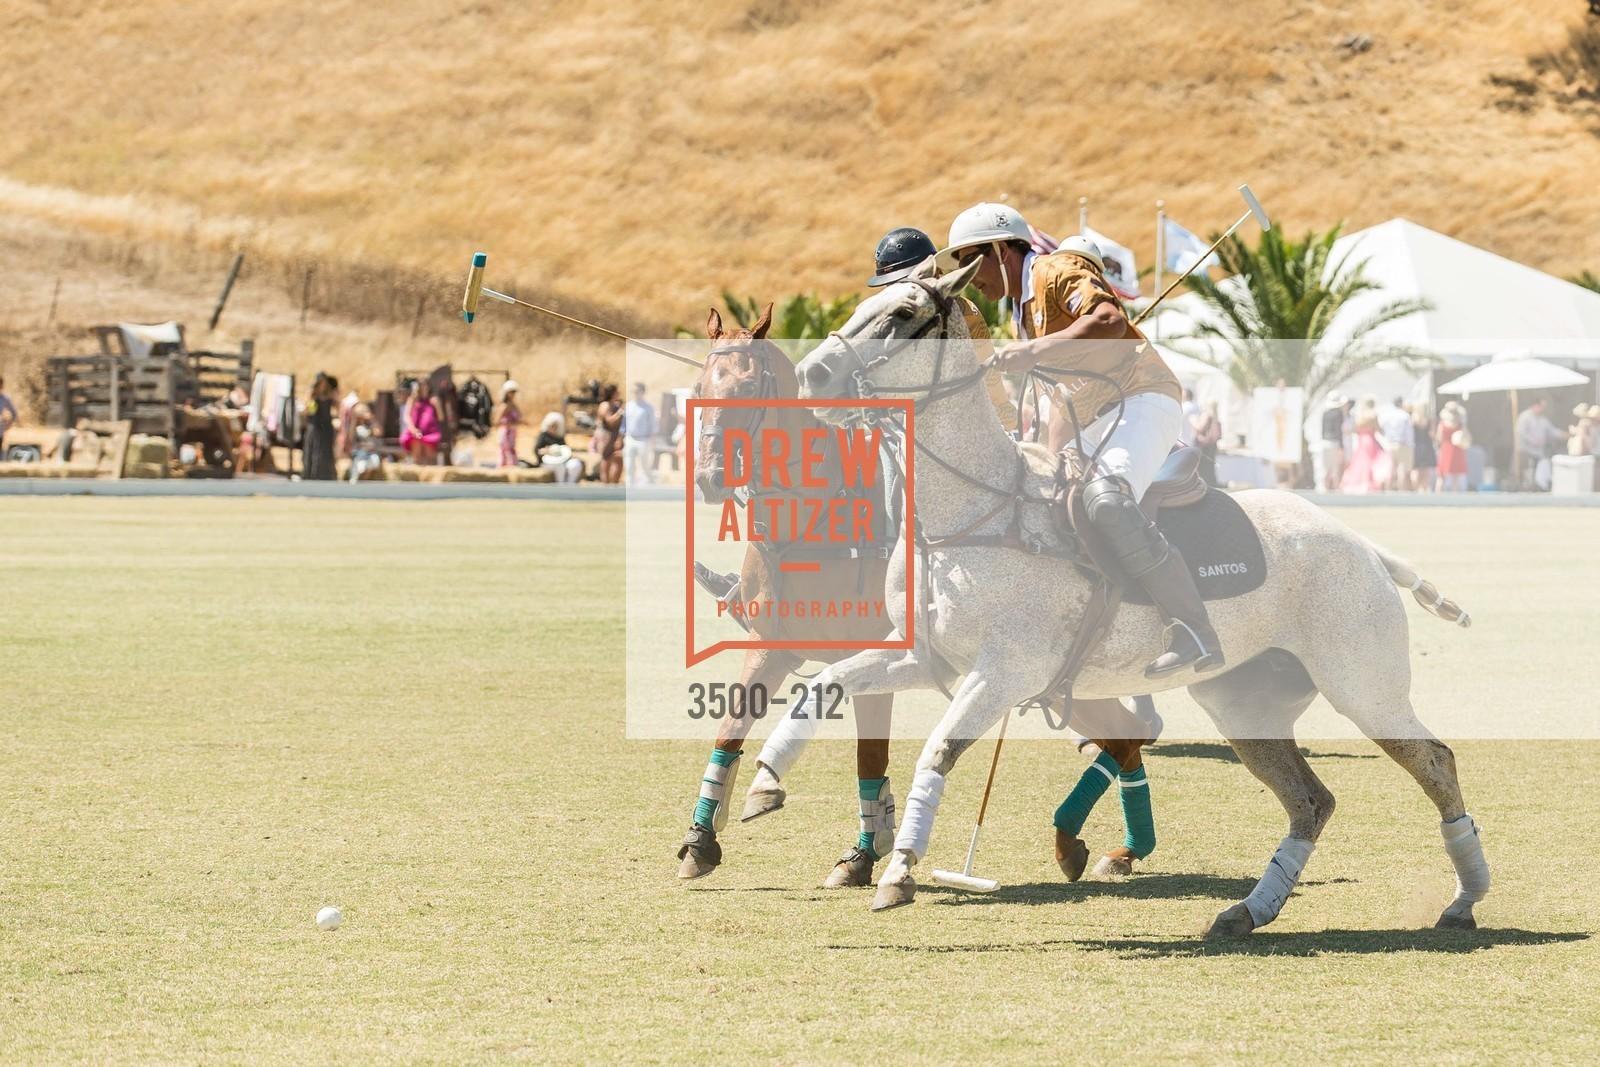 Polo Match, Photo #3500-212